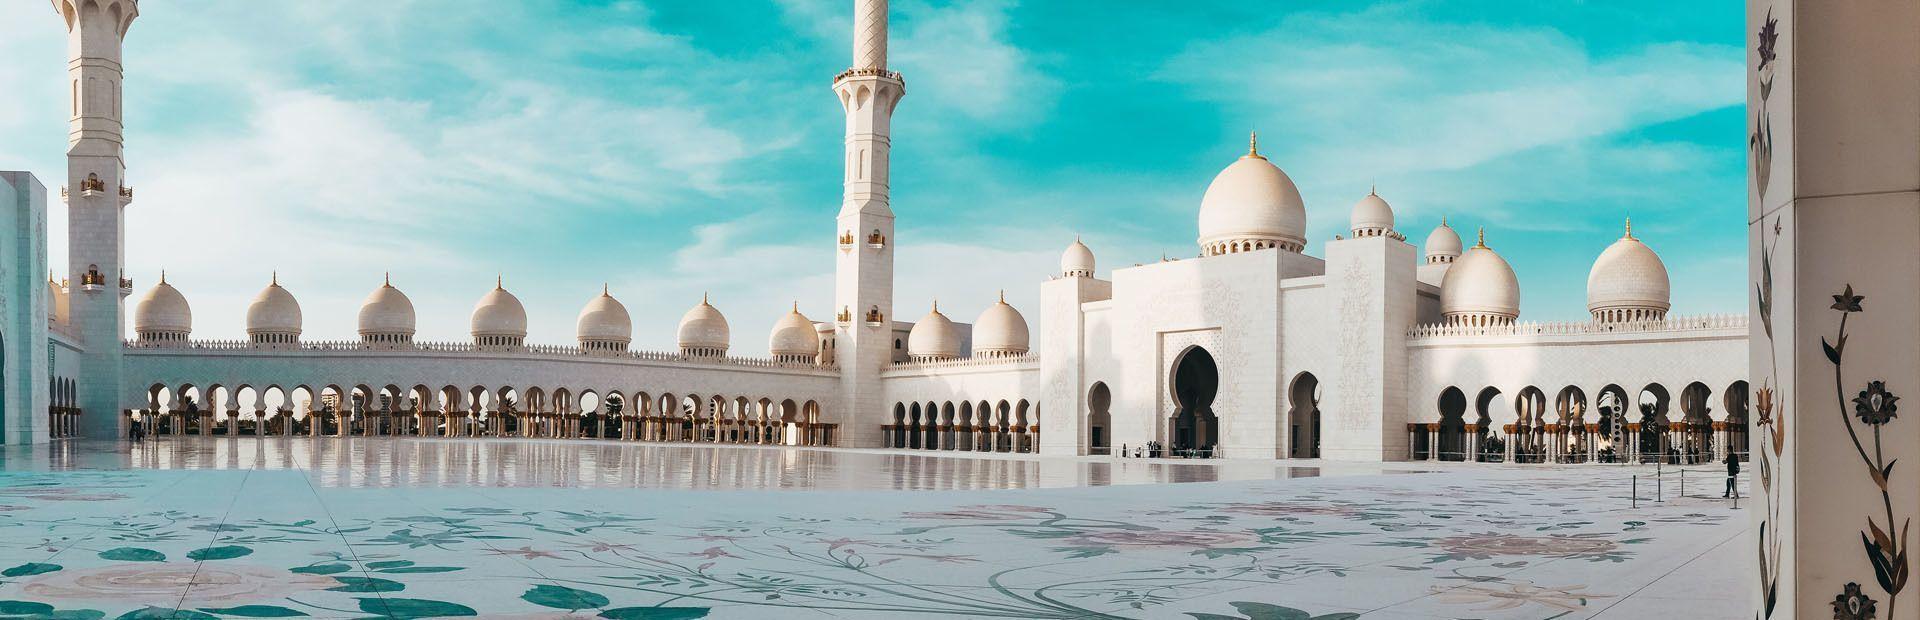 Emirati Arabi Uniti: da Dubai a Abu Dhabi